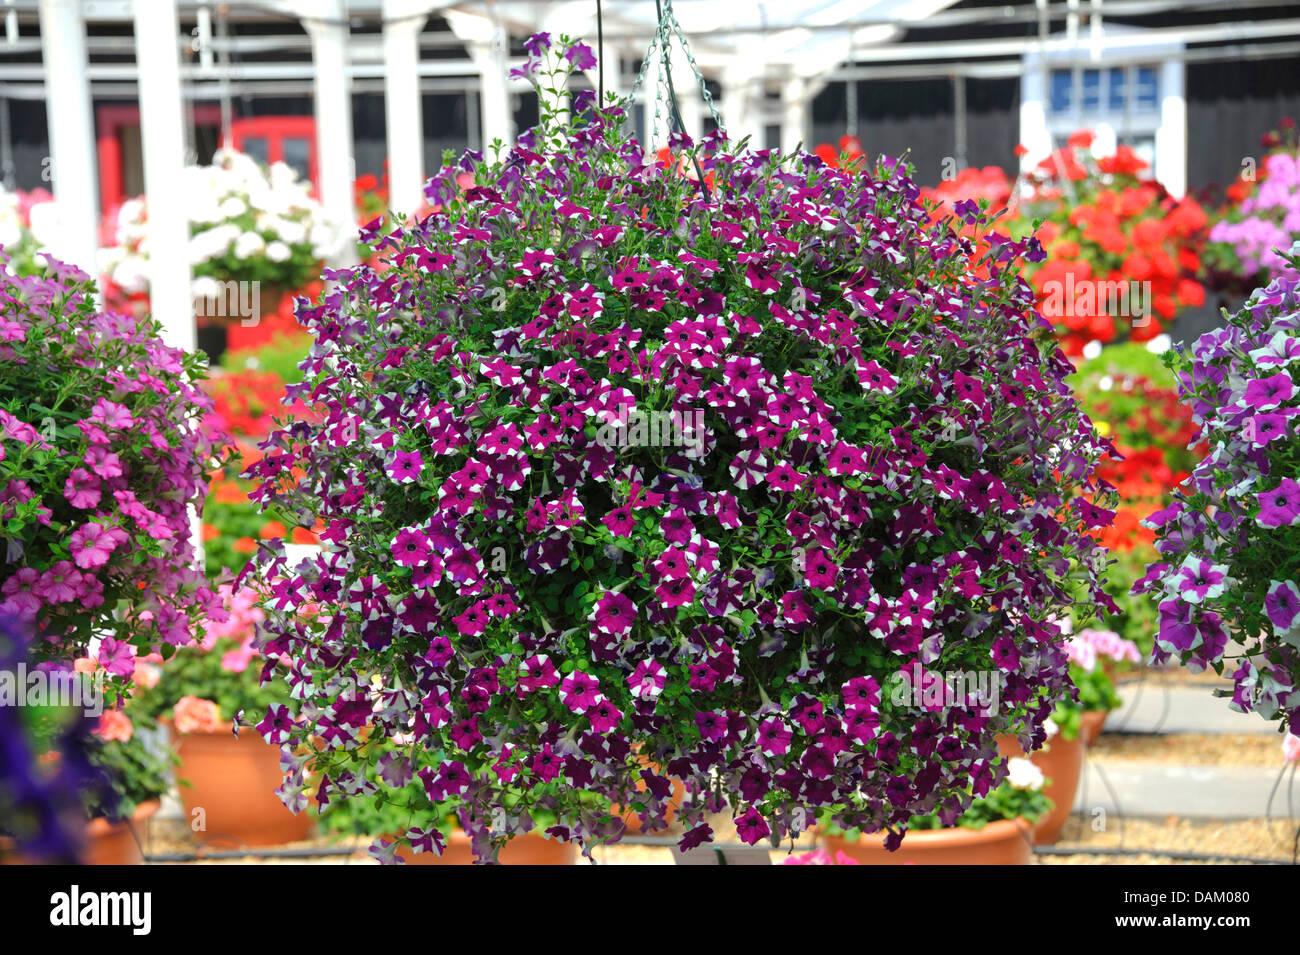 Jardín petunia (Petunia 'Purple Star', Petunia púrpura estrella estrella púrpura), cultivar, Imagen De Stock